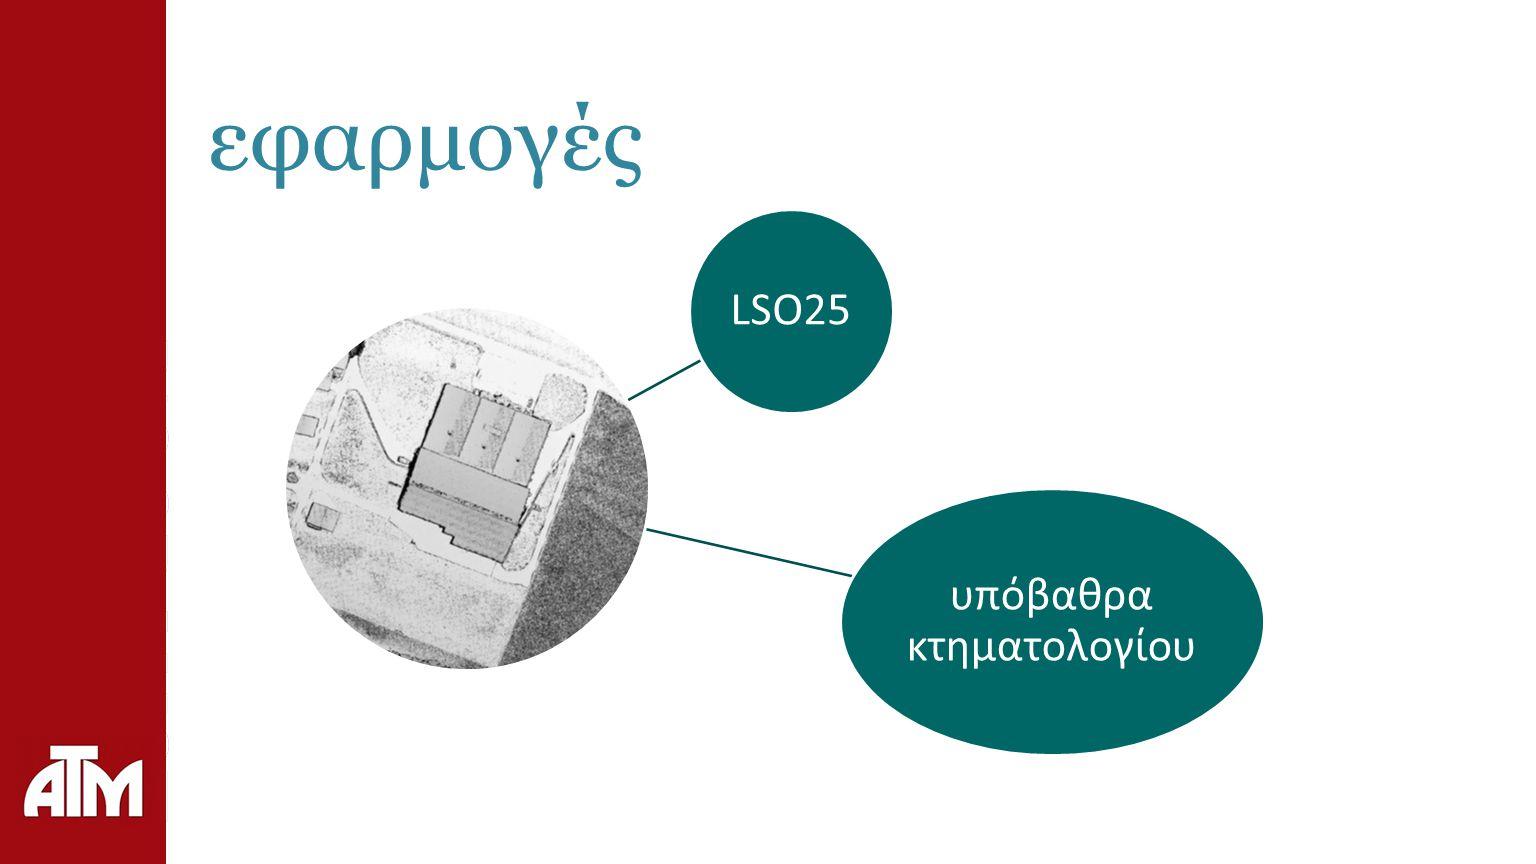 εφαρμογές LSO25 υπόβαθρα κτηματολογίου